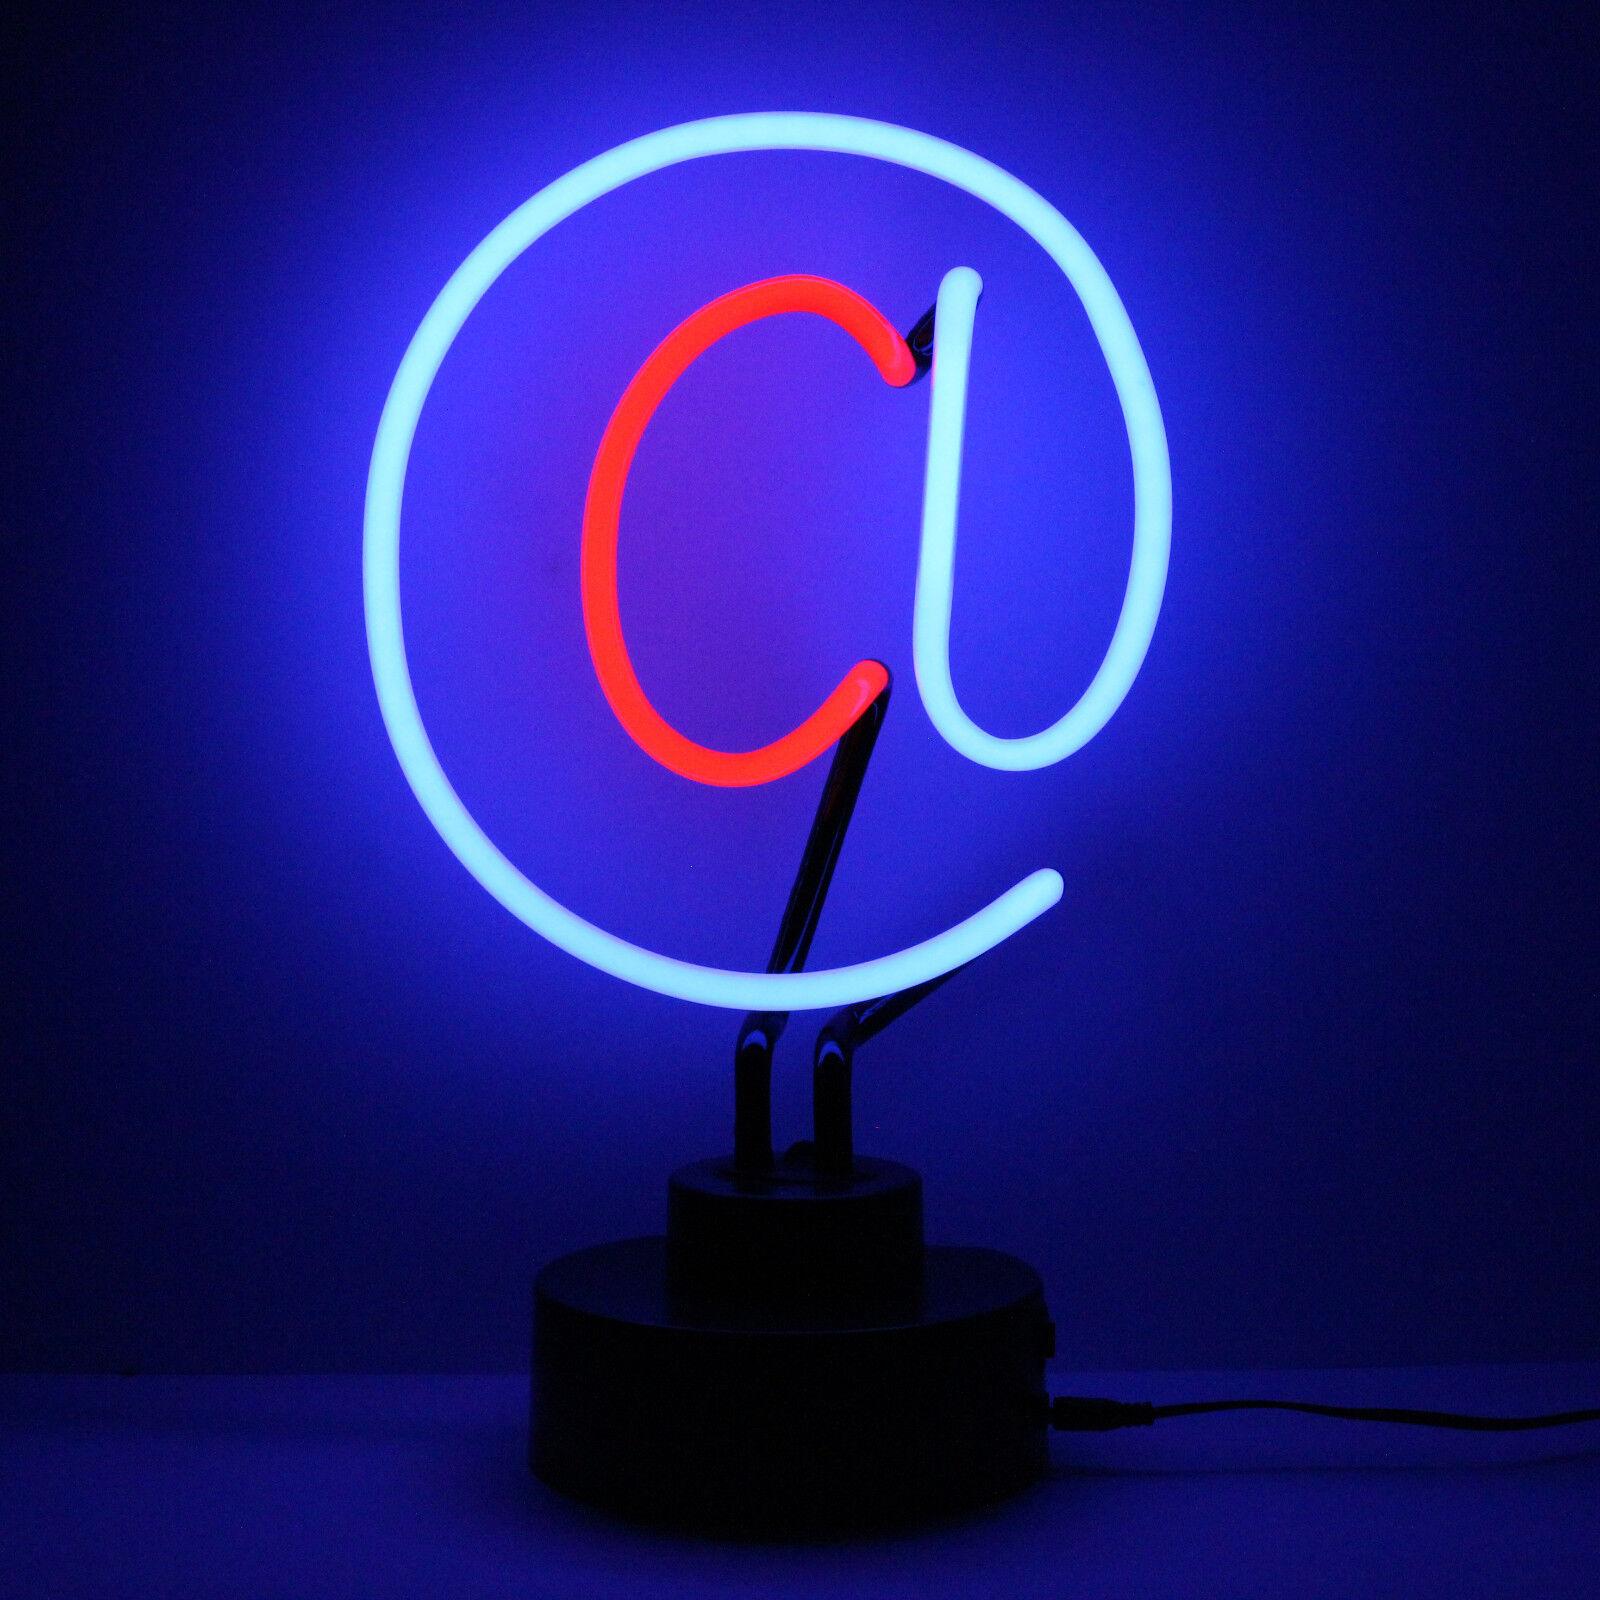 Computer Schreibtisch Lampe At Symbol @ Neon Skulptur Dekoration Nachttisch